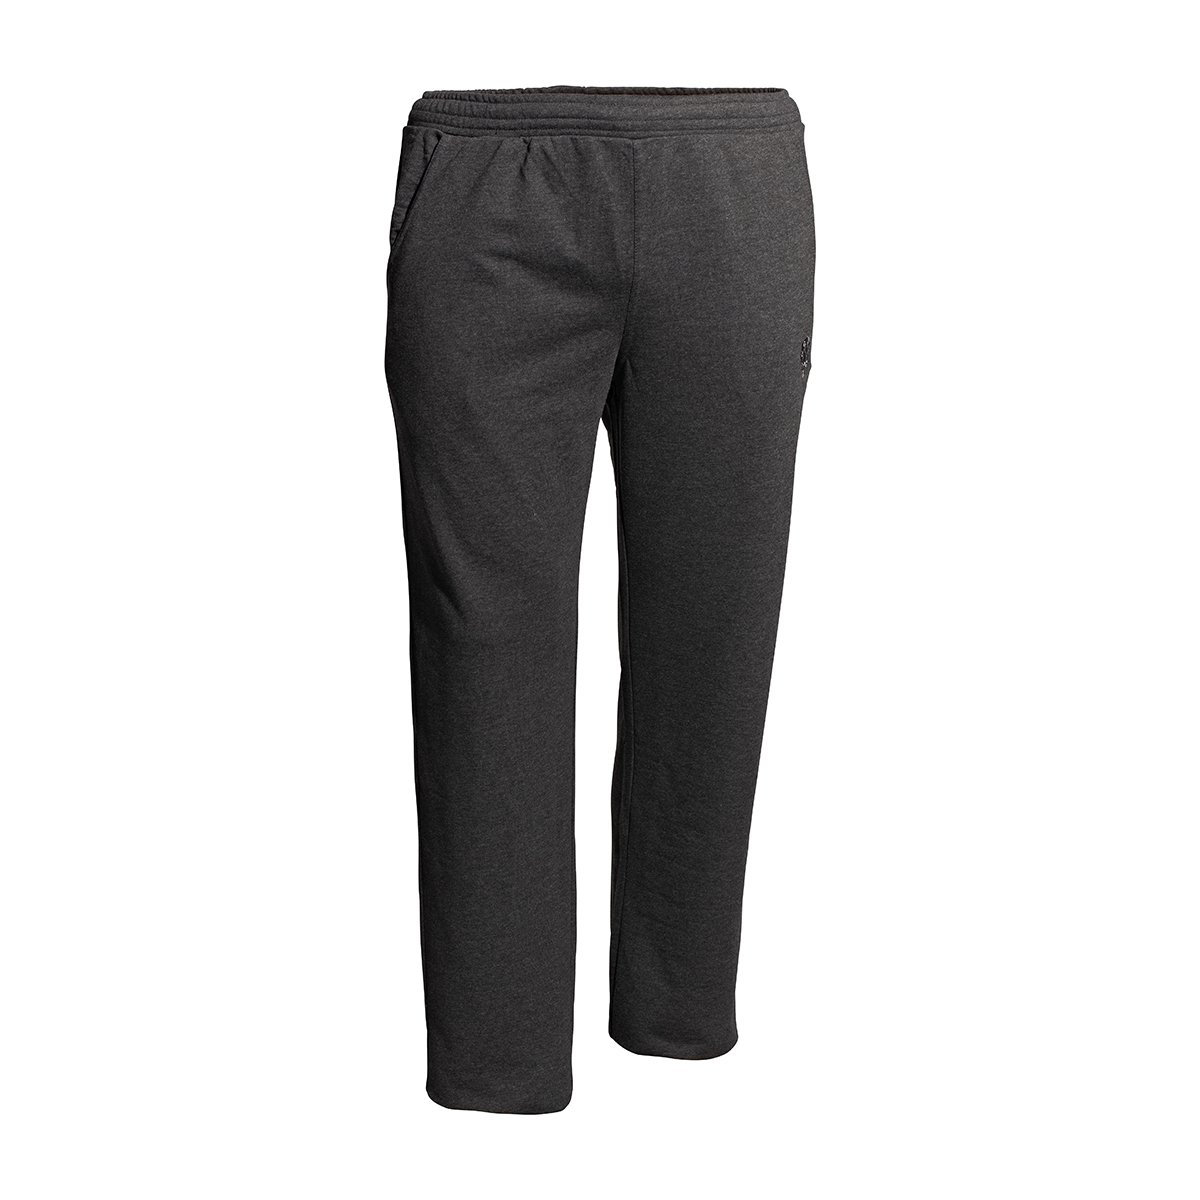 Ahorn Sportswear Graue Jogging Hose 10 XL